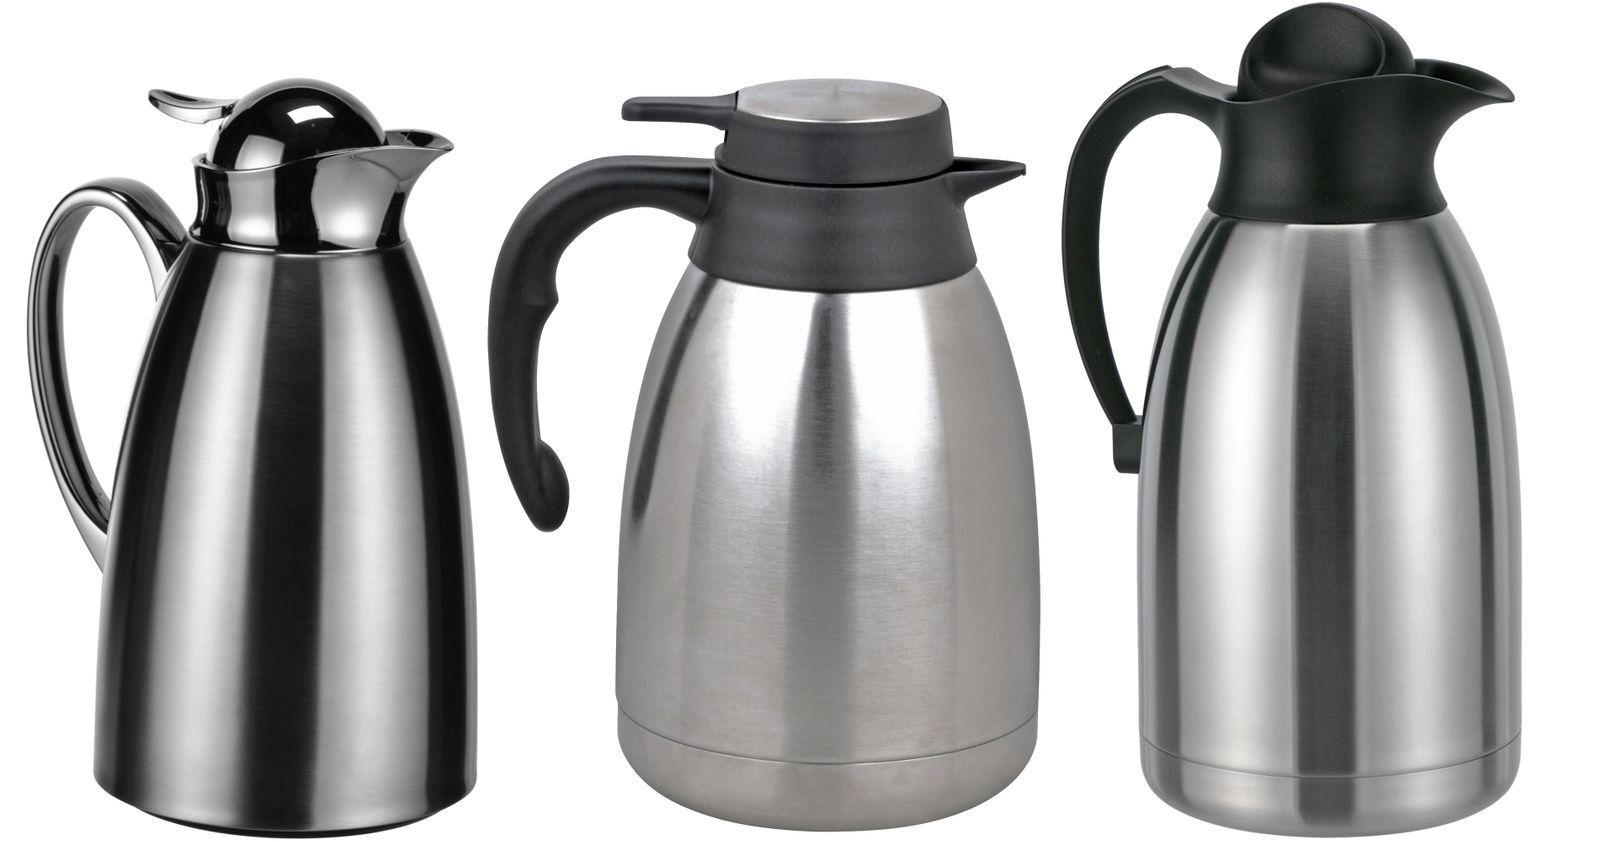 Edelstahl Isolierkanne Kaffeekanne Thermoskanne Thermo Kanne Thermosflasche